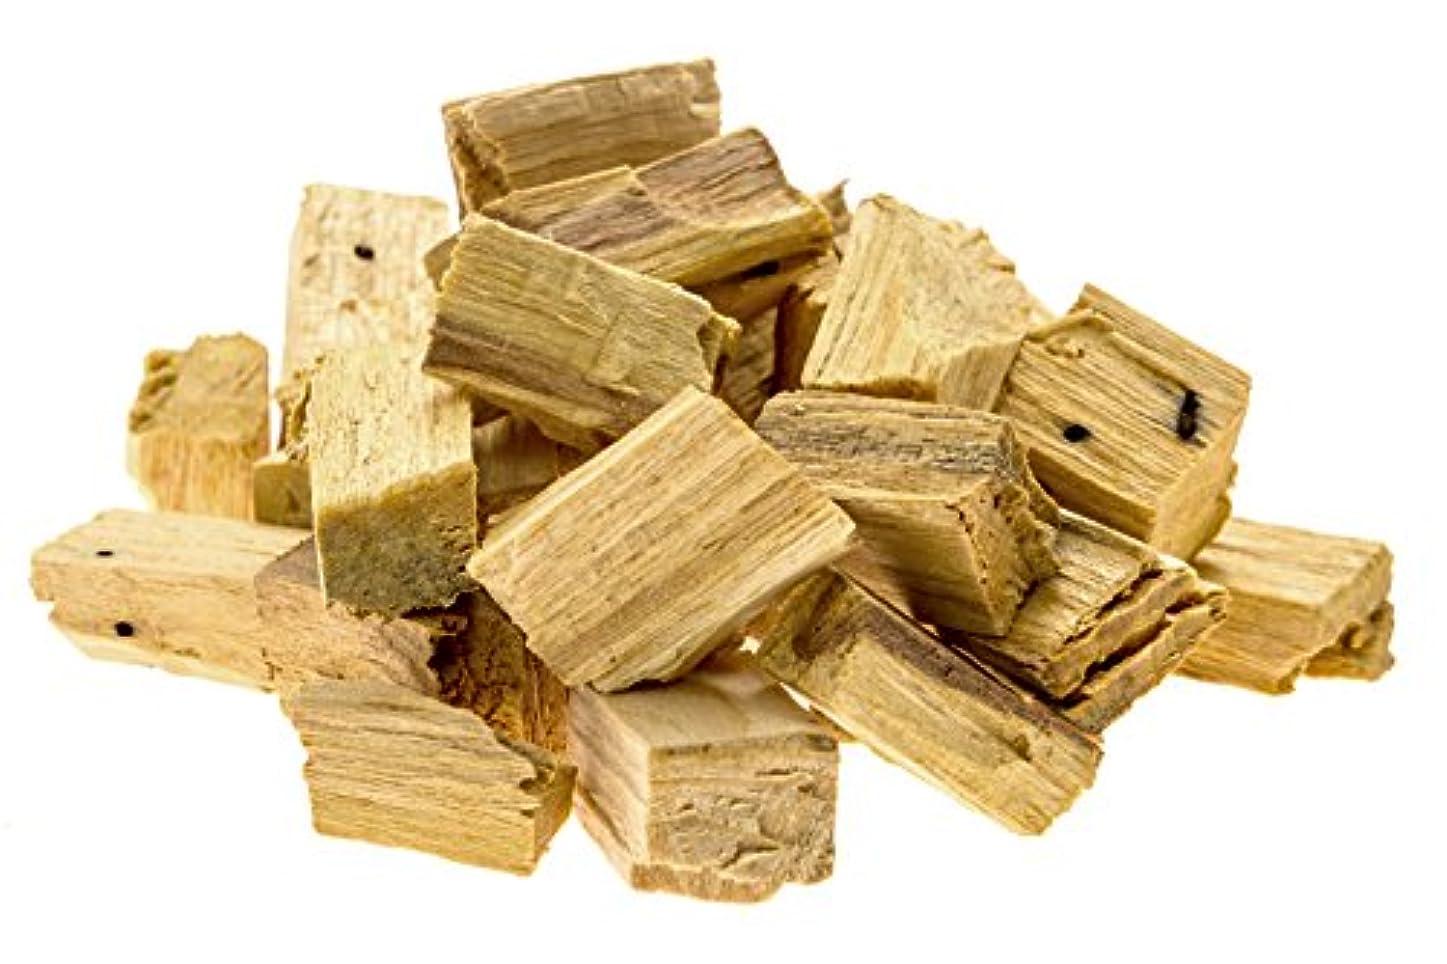 柔らかい足さておき不名誉なプレミアムPalo Santo Holy Wood Incenseチップ、for purifying、クレンジング、ヒーリング、瞑想、Stress Relief。100 %自然と持続可能な、野生の収穫。( 1oz )